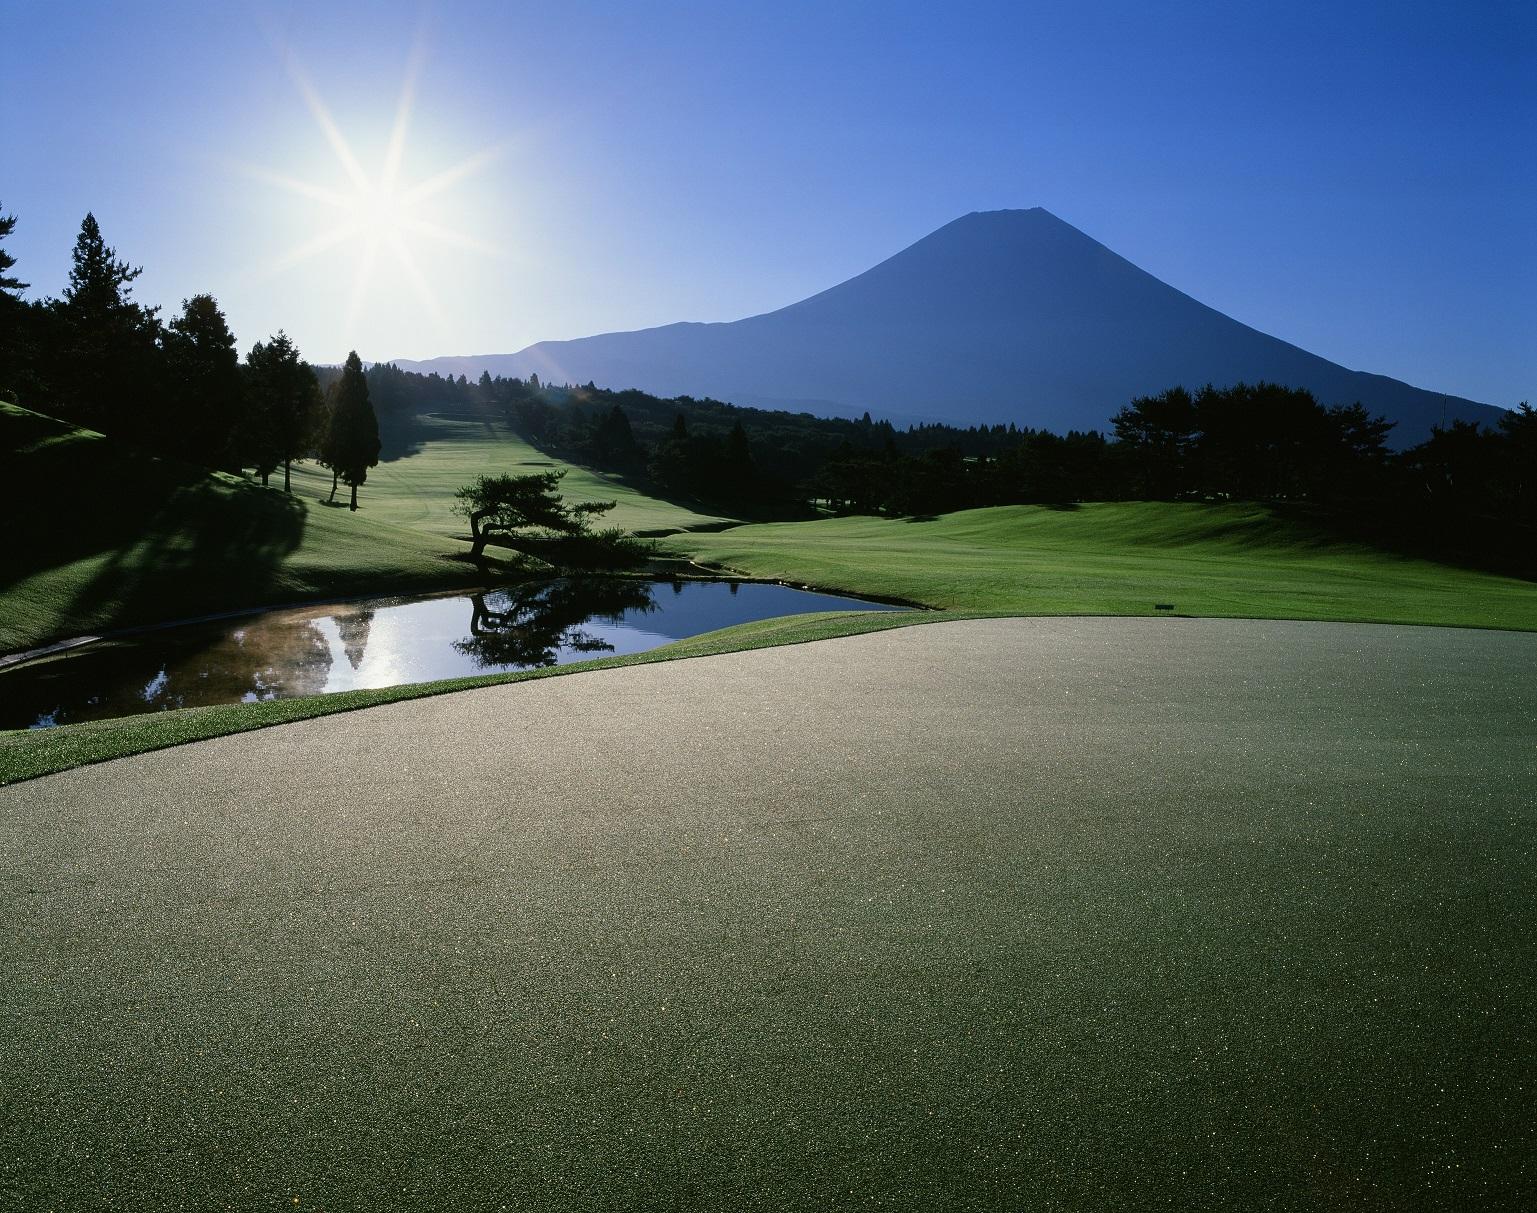 静岡県・朝霧ジャンボリーゴルフクラブ